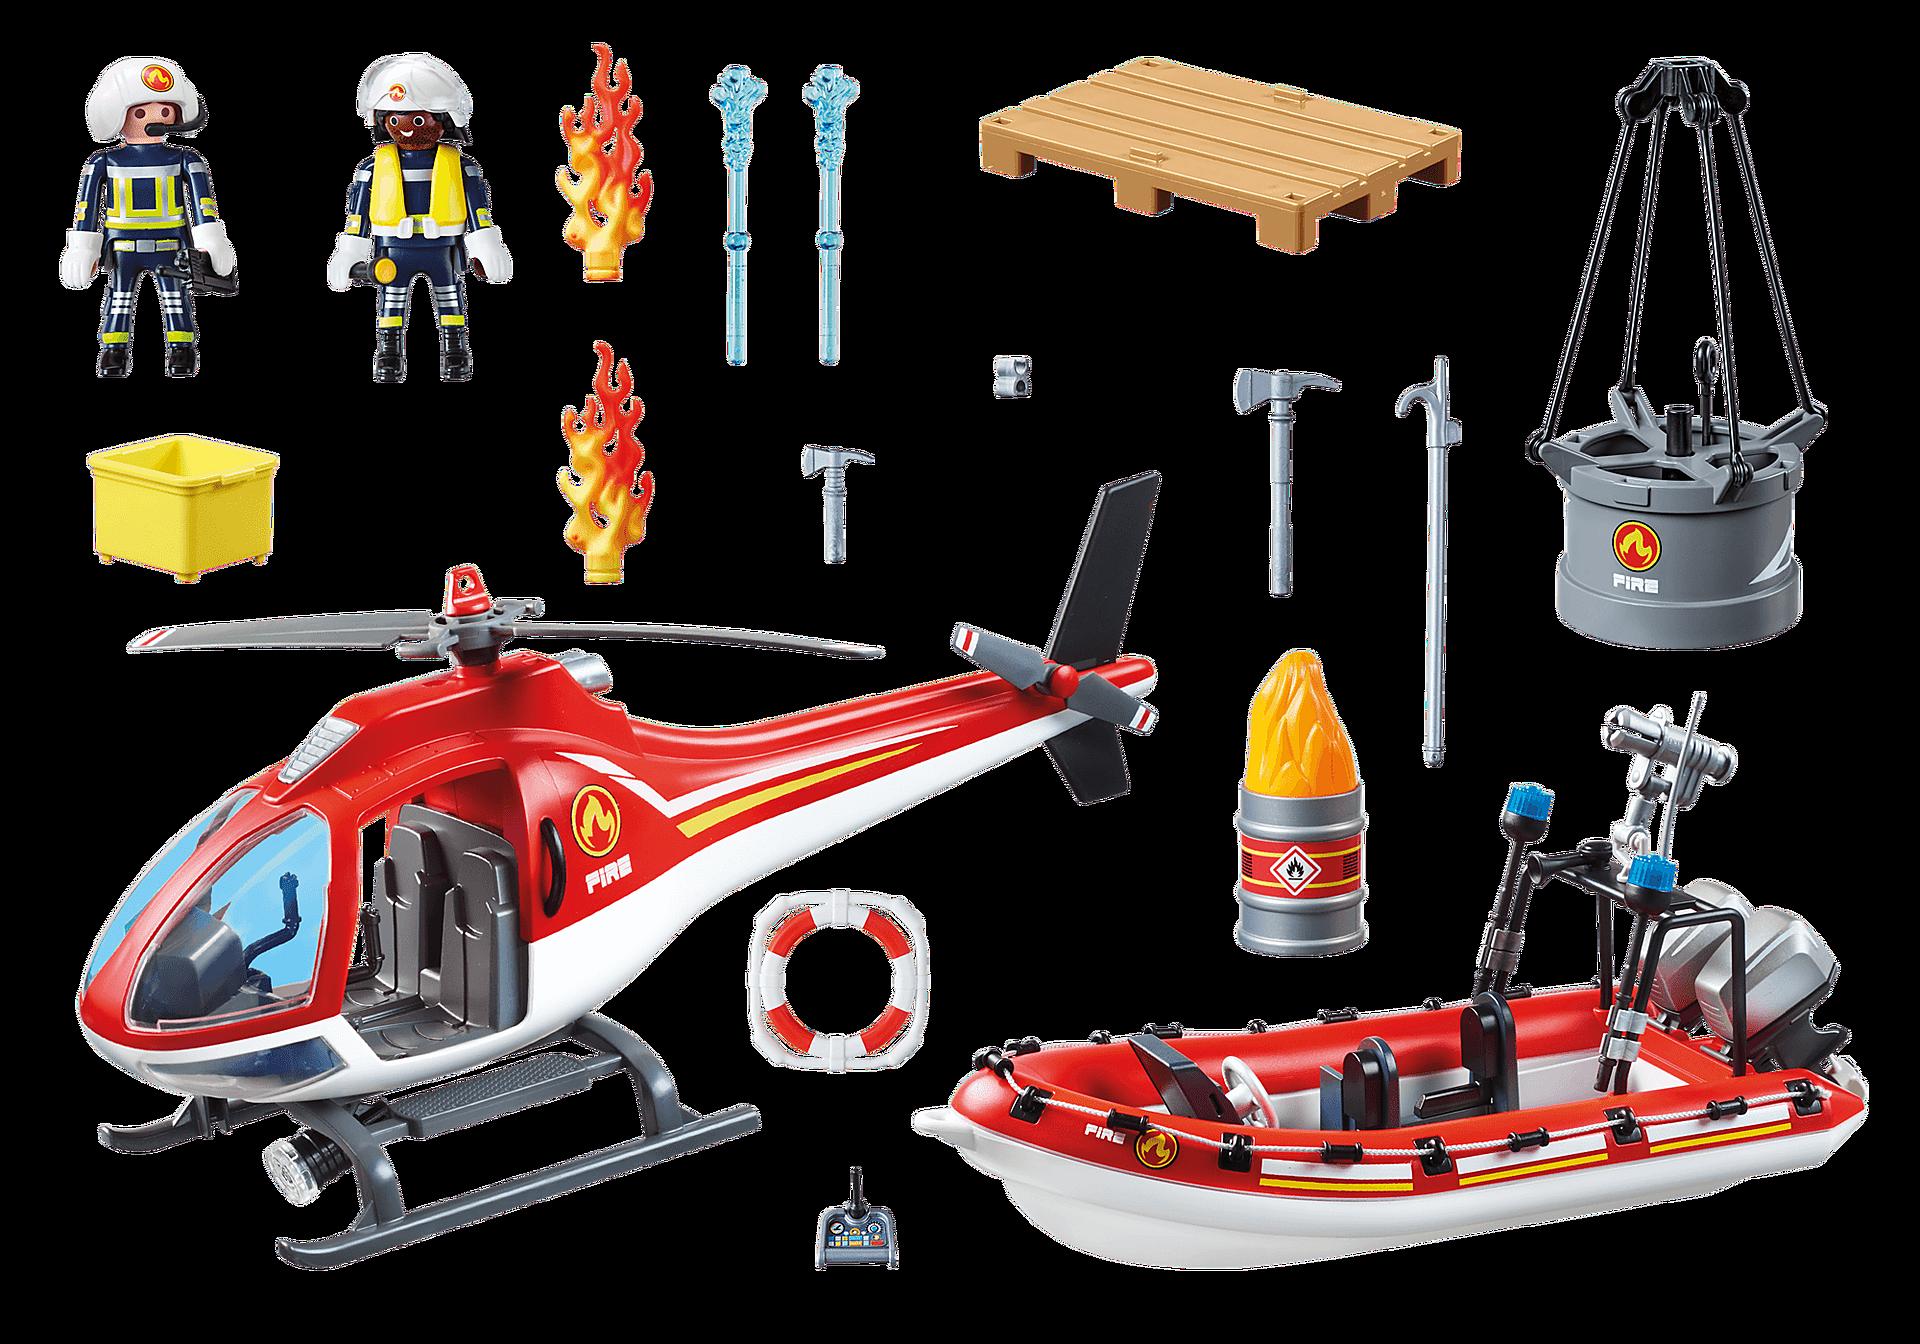 70335 Brandkår med helikopter och båt zoom image3